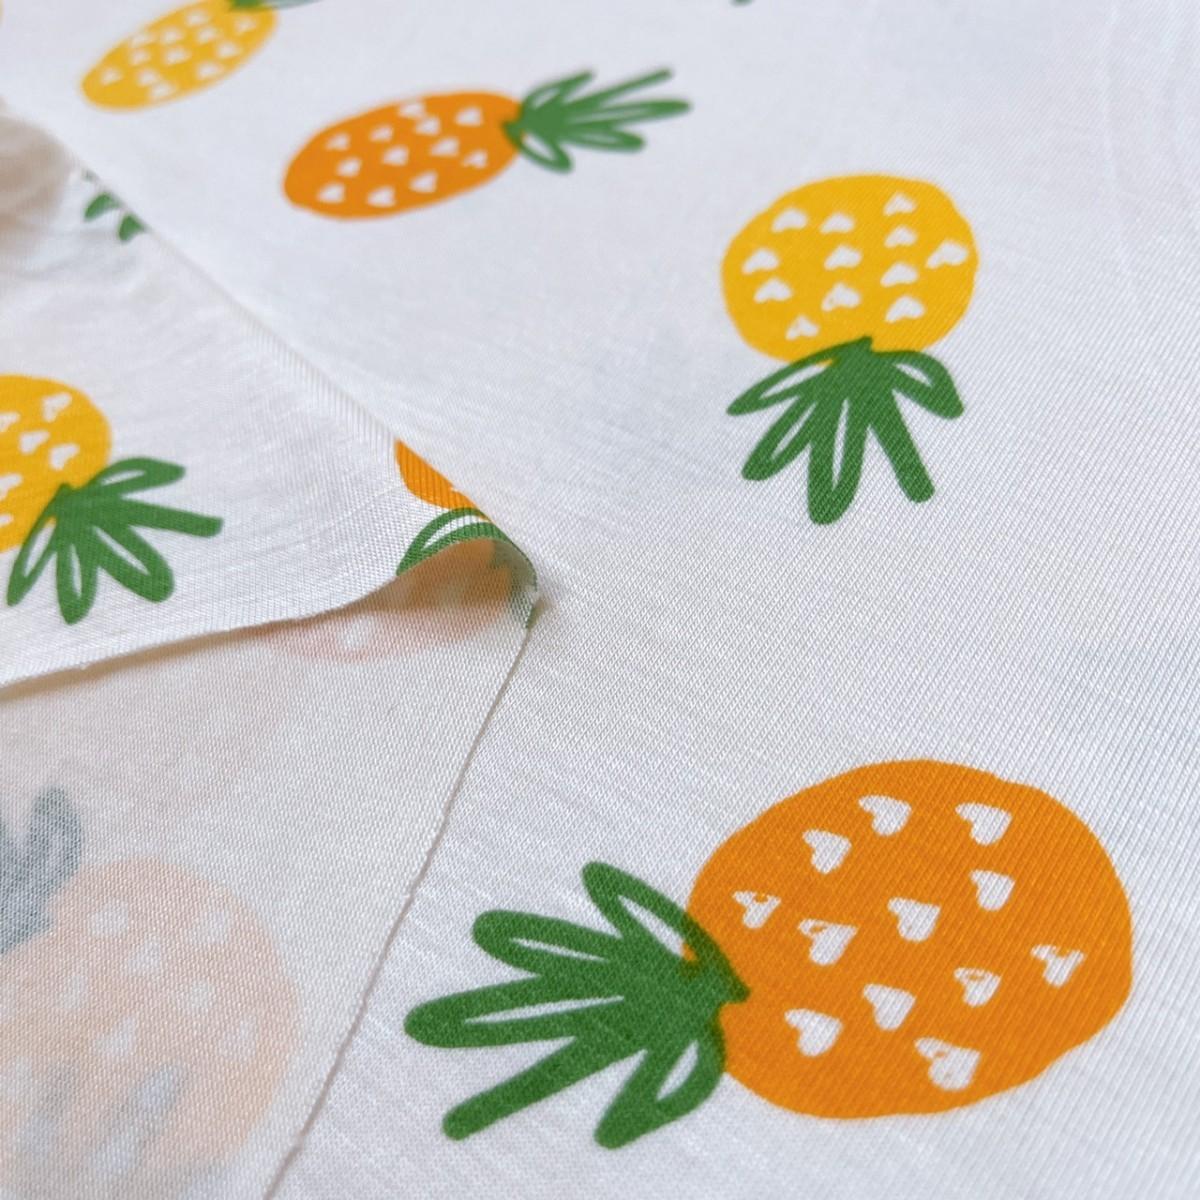 パイナップル 冷感 Tシャツニット 生地 布 ハギレ はぎれ ハンドメイド ニット生地 コットン